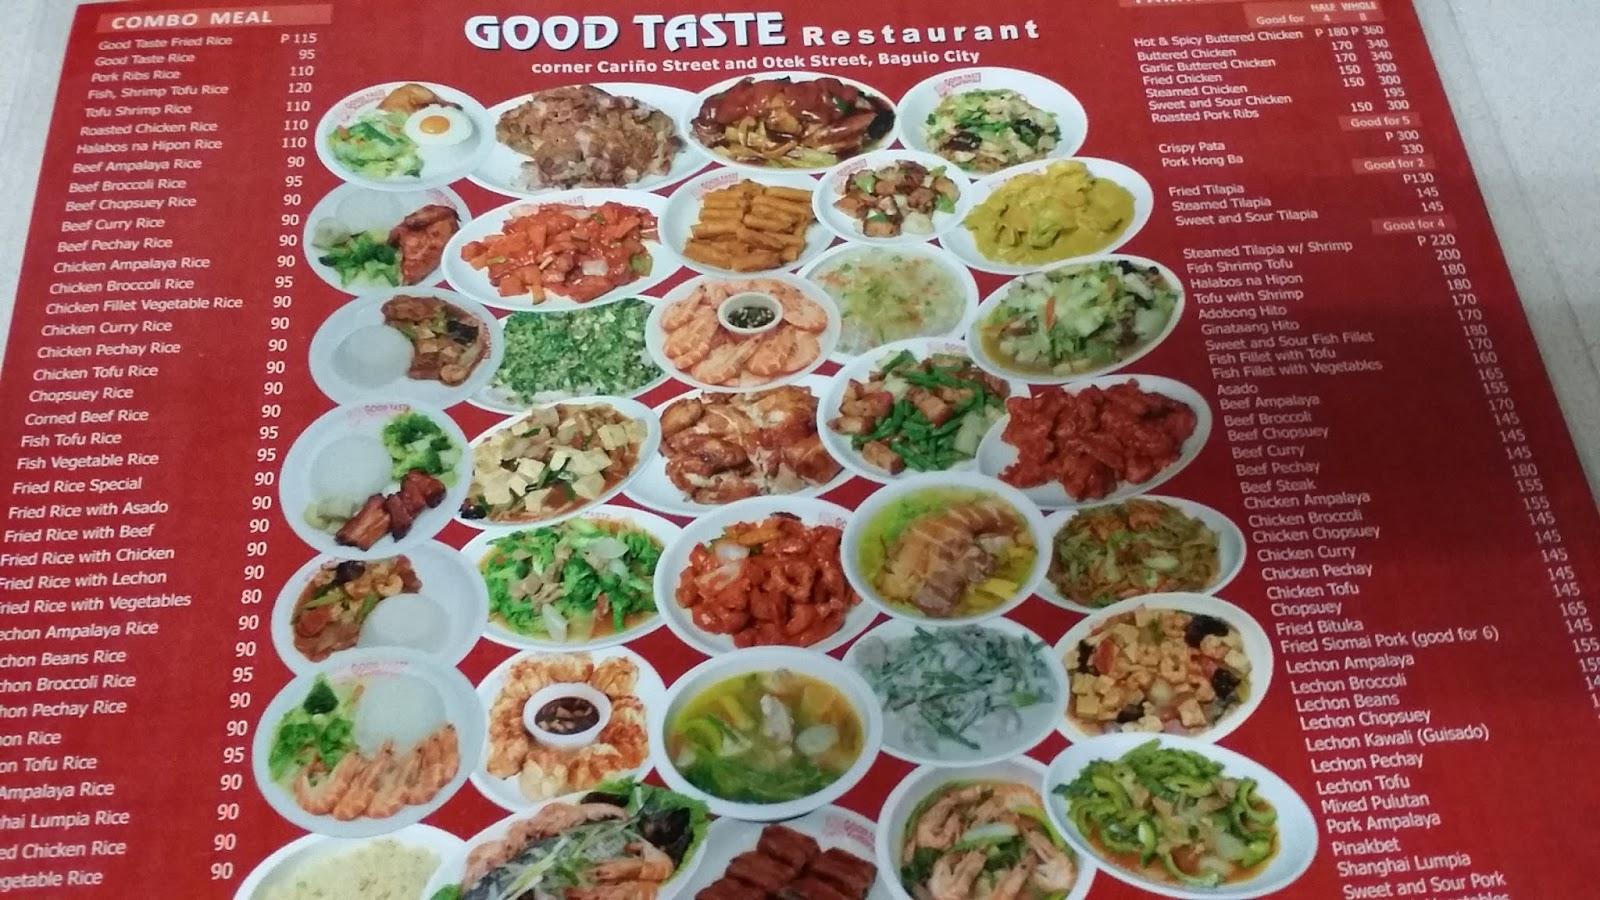 Good Taste Chinese Food Bayville Nj